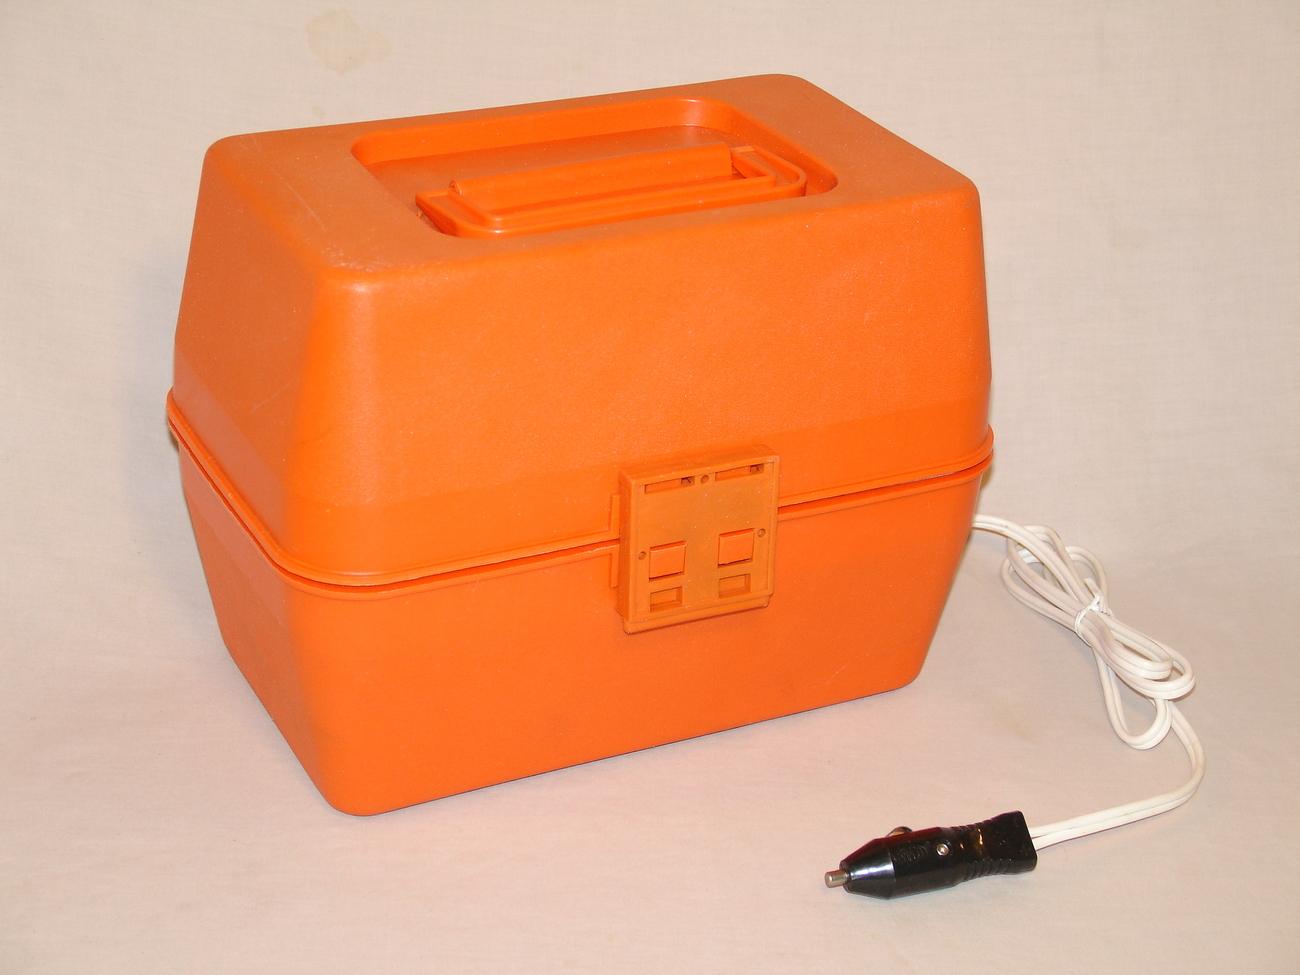 Portable 12 Volt : Volt portable oven appliances